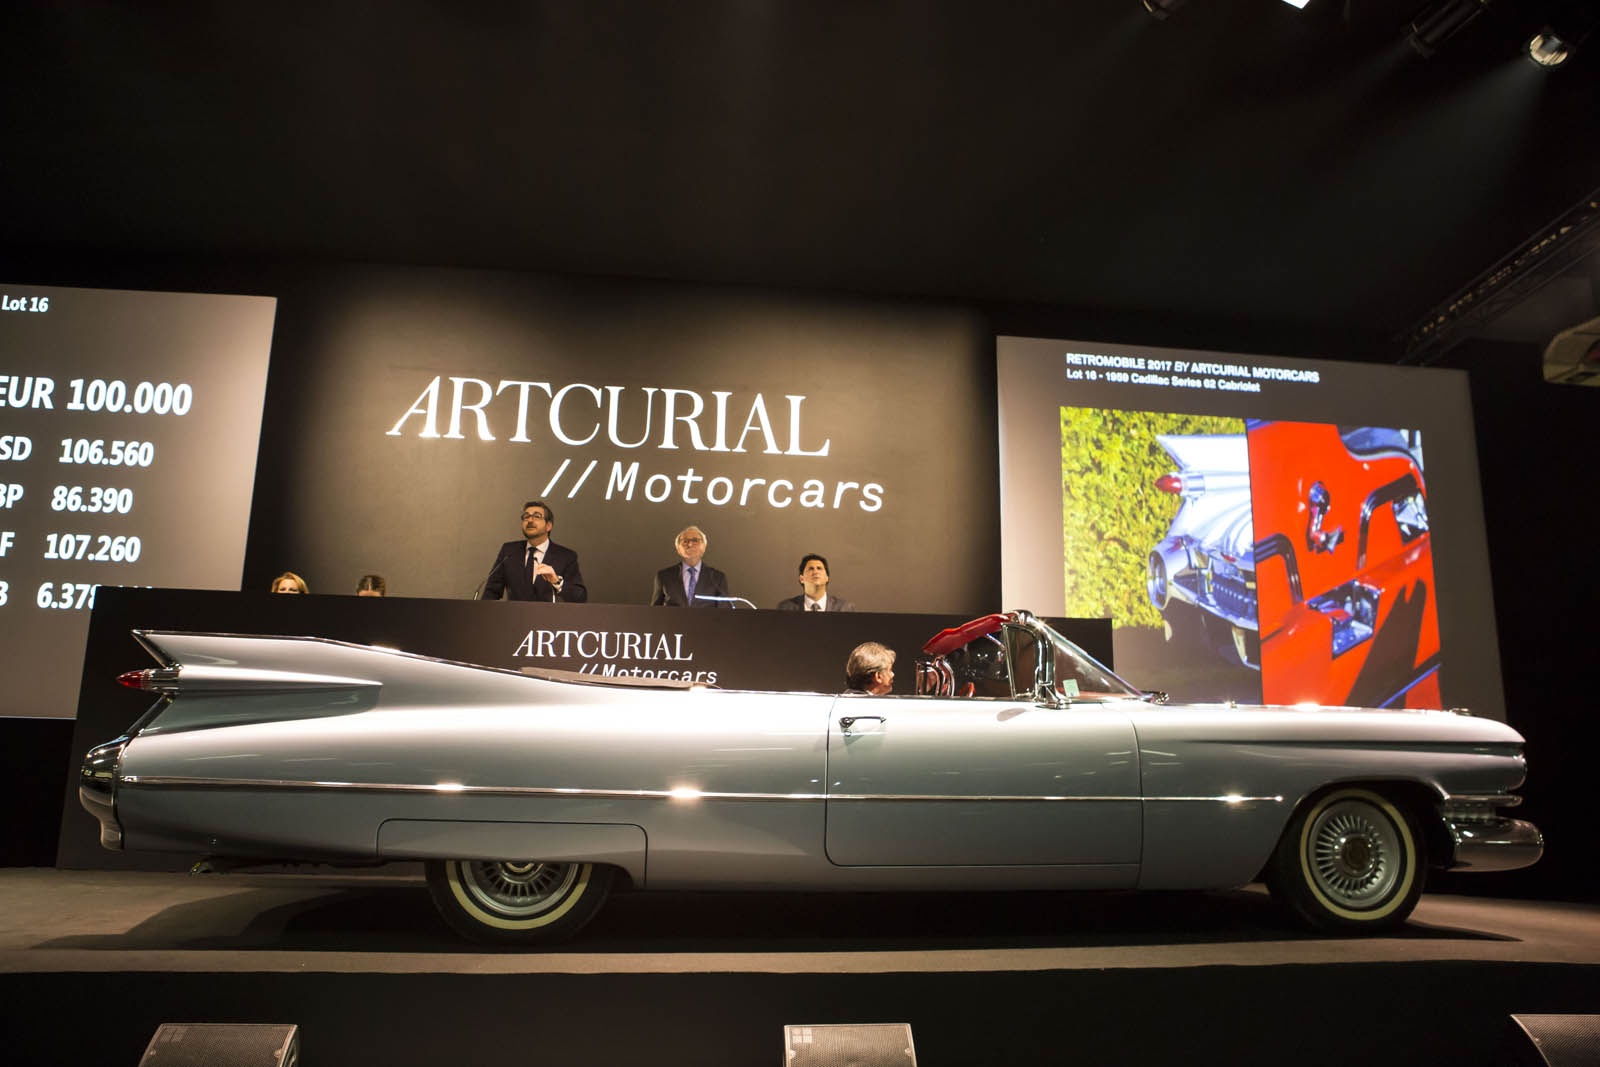 Lot+16+1959+Cadillac+Series+62+Eldorado+cabriolet+%C2%A9Artcurial+copy